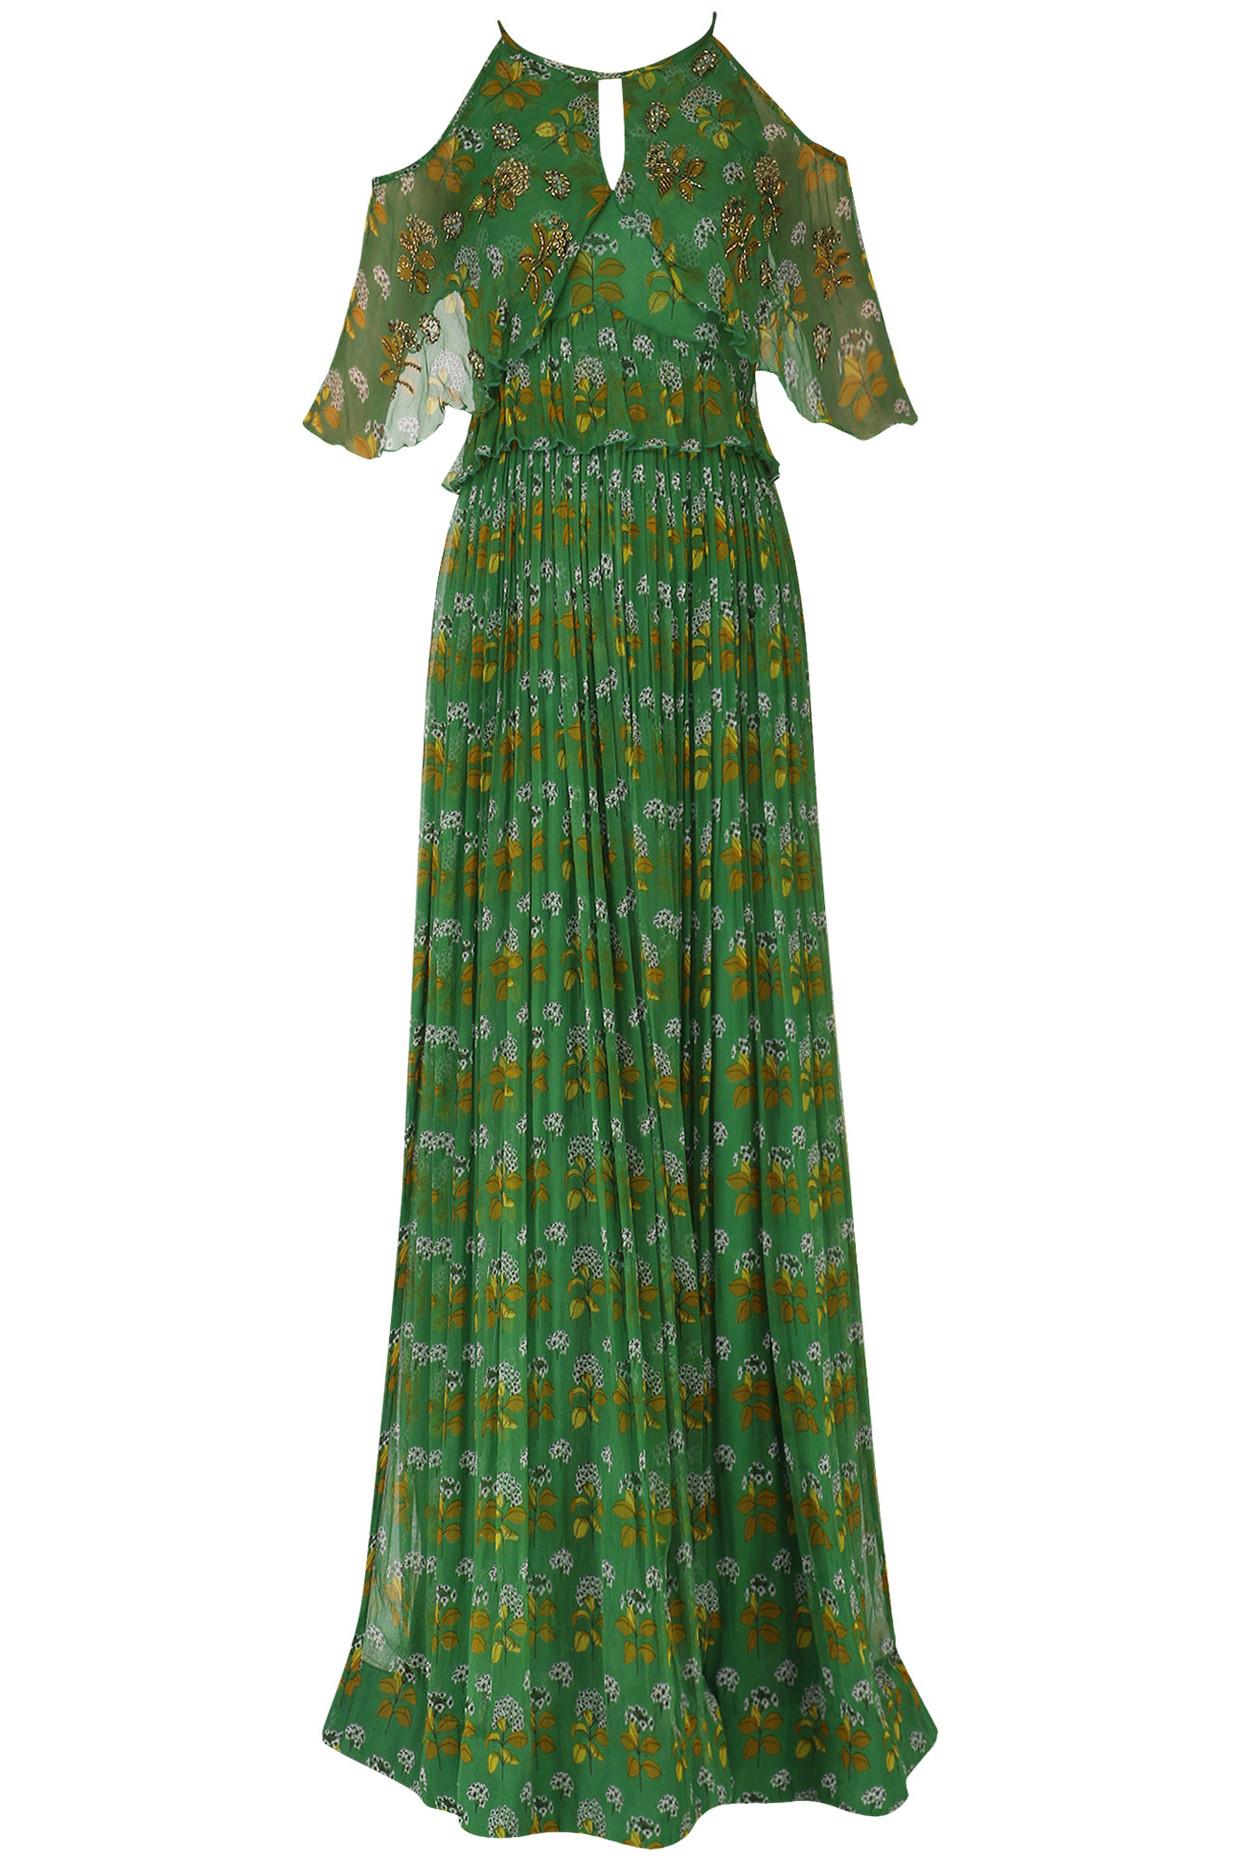 Leaf Green Cold Shoulder Maxi Dress by Pallavi Jaipur